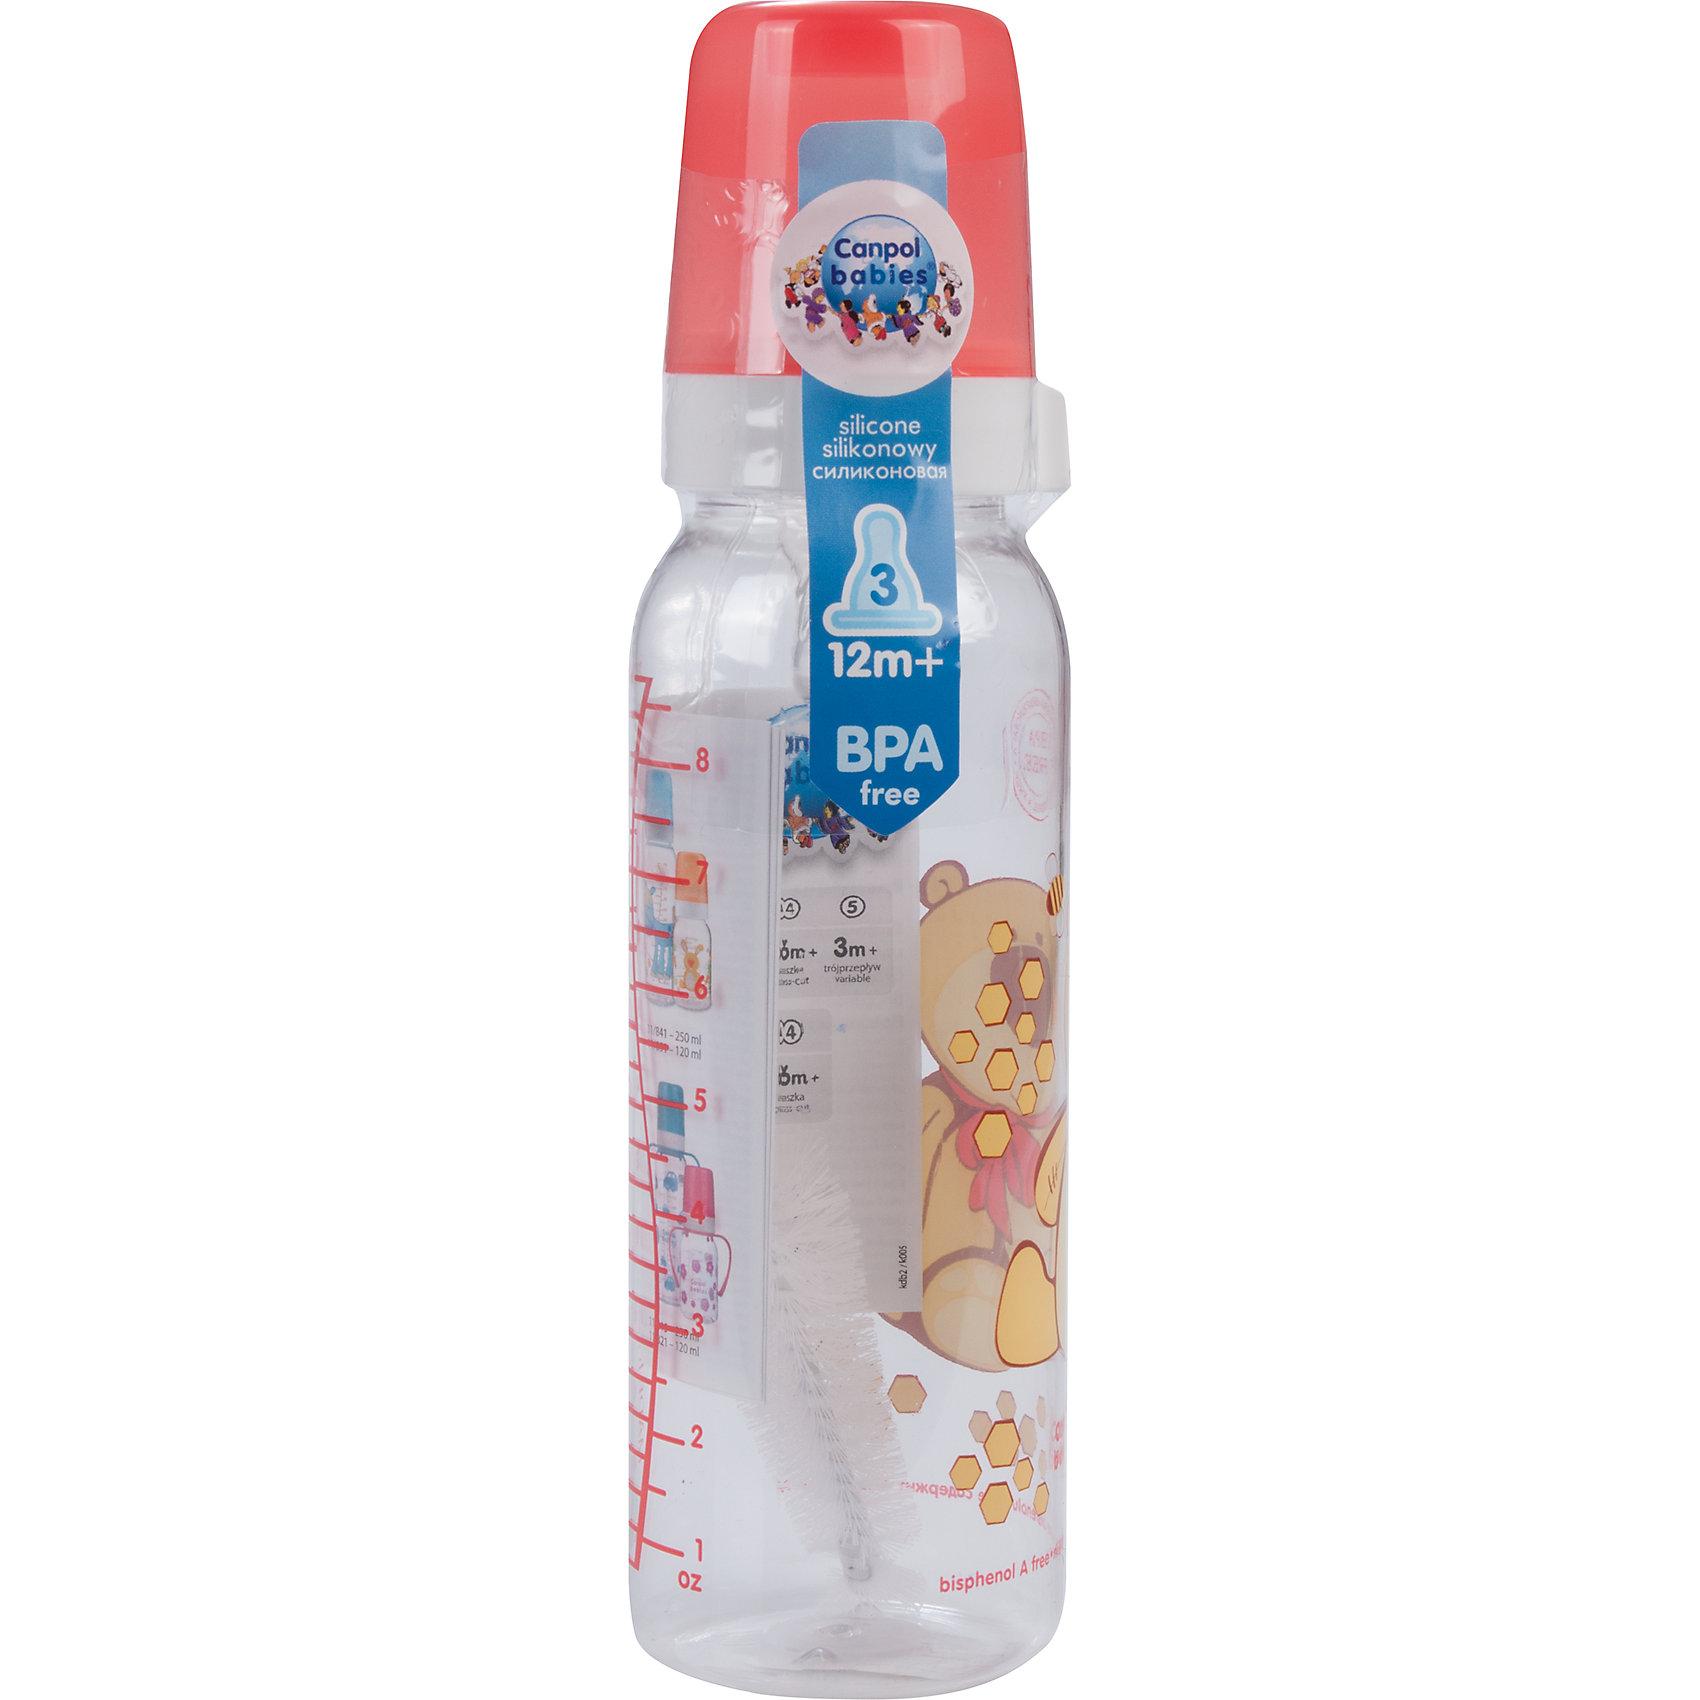 Бутылочка тритановая (BPA 0%) с сил. соской, 250 мл. 12+ Cheerful animals, Canpol Babies, мишка210 - 281 мл.<br>Бутылочка тритановая (BPA 0%) с сил. соской, 250 мл. 12+ Cheerful animals, Canpol Babies, (Канпол Бейбис), мишка.<br><br>Характеристики: <br><br>• Объем бутылочки: 250мл.<br>• Материал бутылочки: тритан - пластик нового поколения.<br>• Материал соски: силикон.<br>• Цвет : красный. <br>Бутылочка тритановая (BPA 0%) с сил. соской, 250 мл. 12+ Cheerful animals, Canpol Babies, (Канпол Бейбис) имеет классическую форму. Удобна в использовании дома и в дороге. Бутылочка выполнена из безопасного качественного материала - тритана, который хорошо держит тепло, снабжена силиконовой соской (медленный поток) и защитным колпачком, имеет удобную мерную шкалу.  Такую бутылочку и все части можно кипятить в воде или стерилизовать с помощью специального прибора. Не впитывает запахи. Бутылочка выполнена в красном цвете, украшена  забавным принтом – мишка.<br>Бутылочка тритановая (BPA 0%) с сил. соской, 250 мл. 12+ Cheerful animals, Canpol Babies, (Канпол Бейбис), мишка можно купить в нашем интернет- магазине.<br><br>Ширина мм: 65<br>Глубина мм: 54<br>Высота мм: 235<br>Вес г: 640<br>Возраст от месяцев: 12<br>Возраст до месяцев: 36<br>Пол: Унисекс<br>Возраст: Детский<br>SKU: 5156810